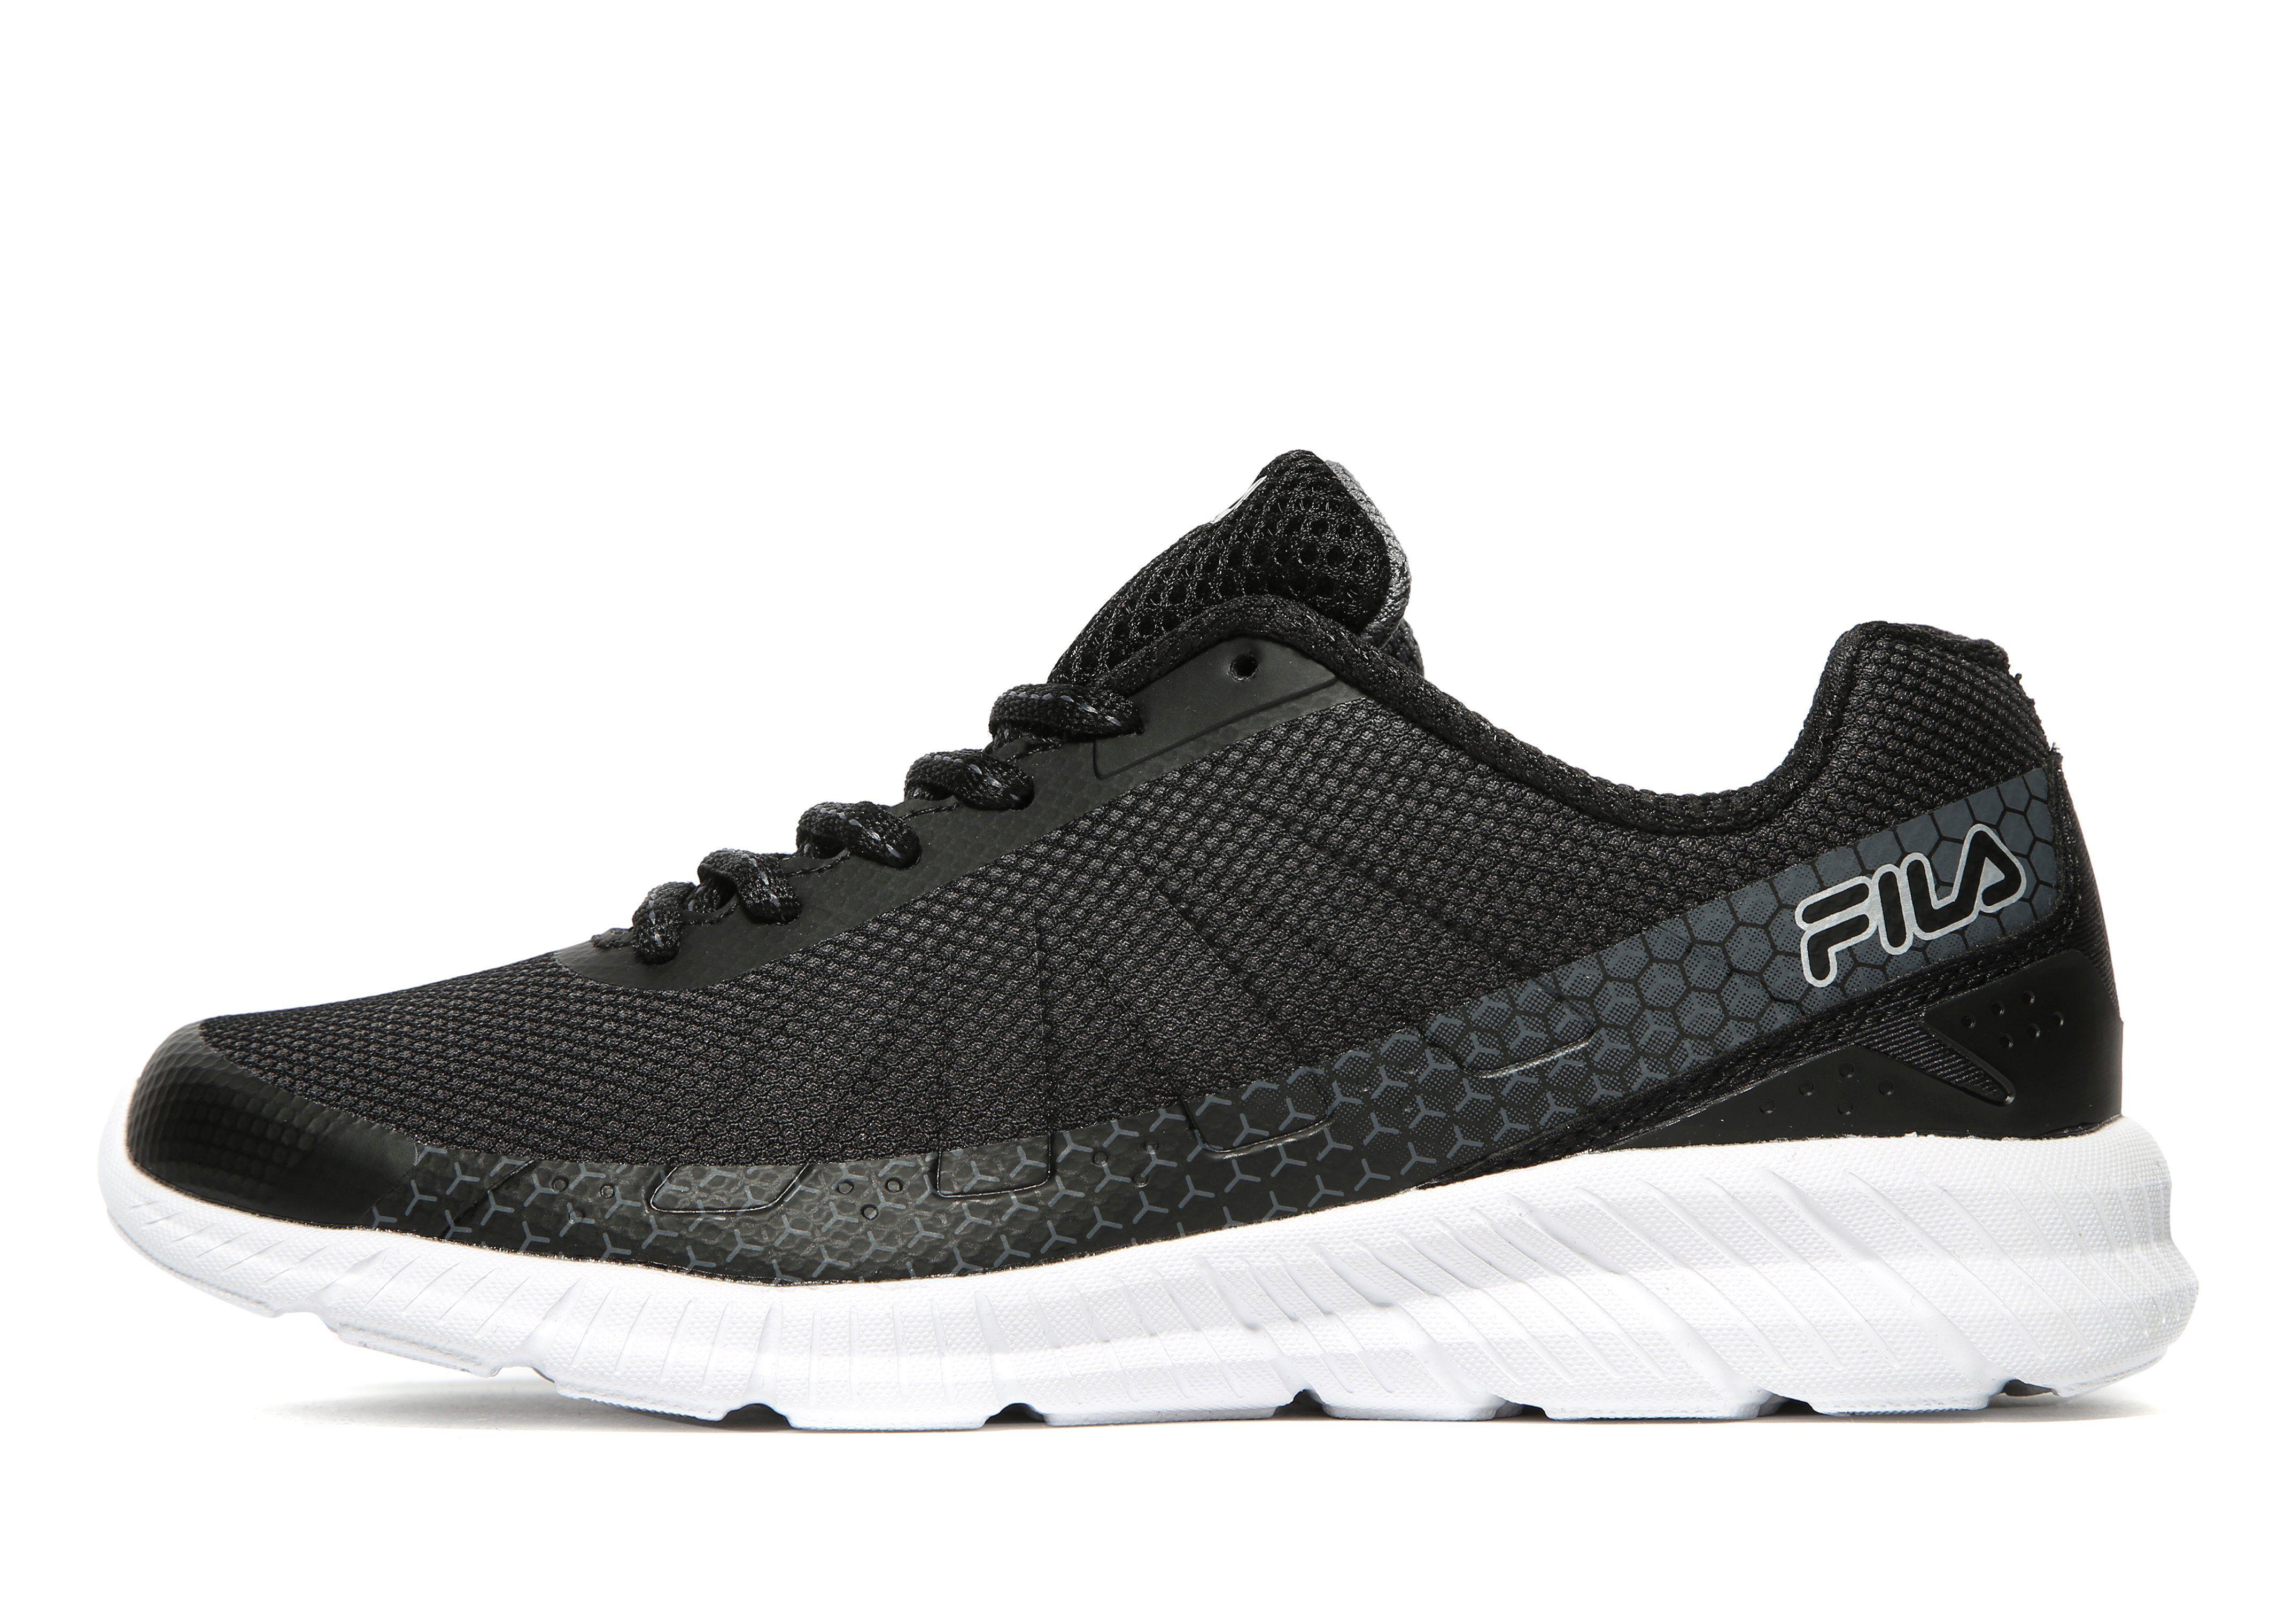 fila shoes uk outlet images for older